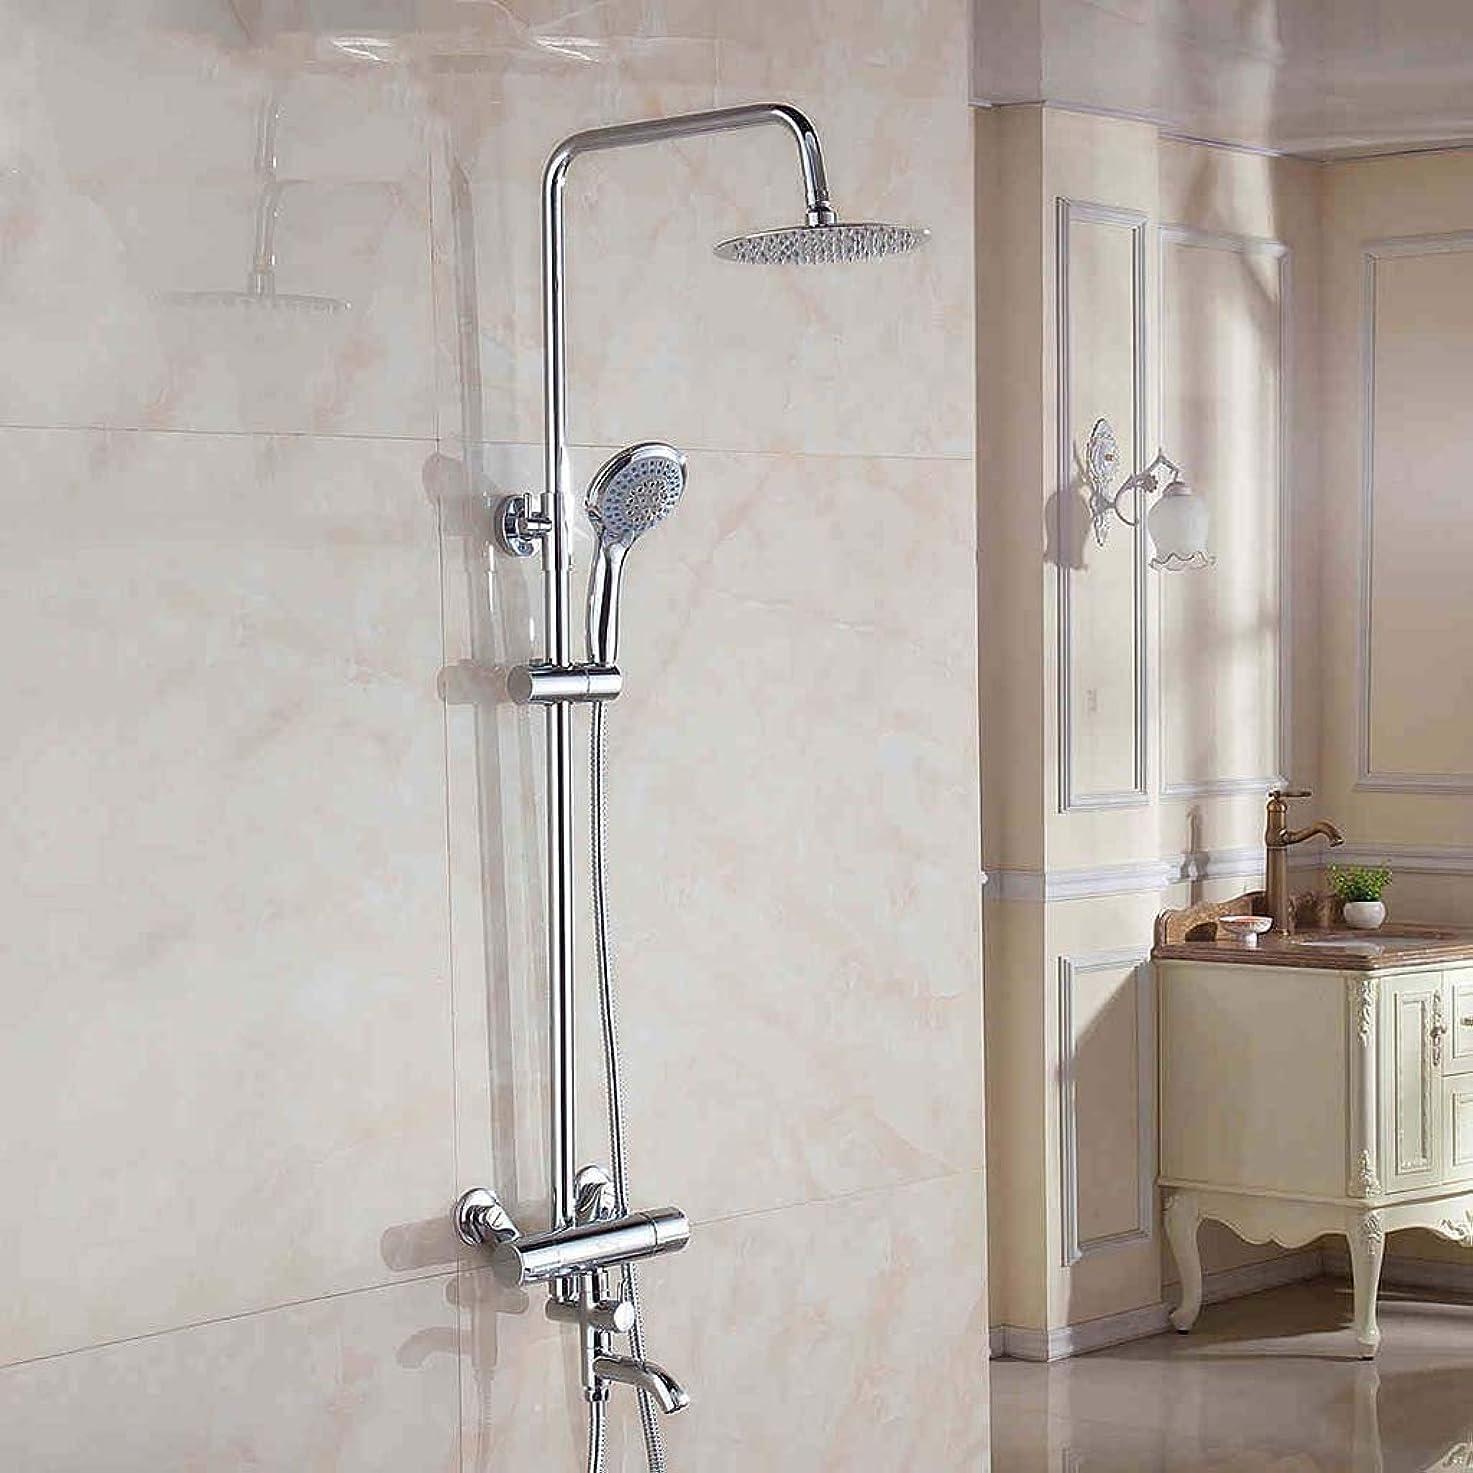 不注意おしゃれじゃない飼いならすシャワーセットは、サーモスタットシャワーシャワー銅ホットとコールド蛇口シャワーセットシャワー機器を上下させることができます